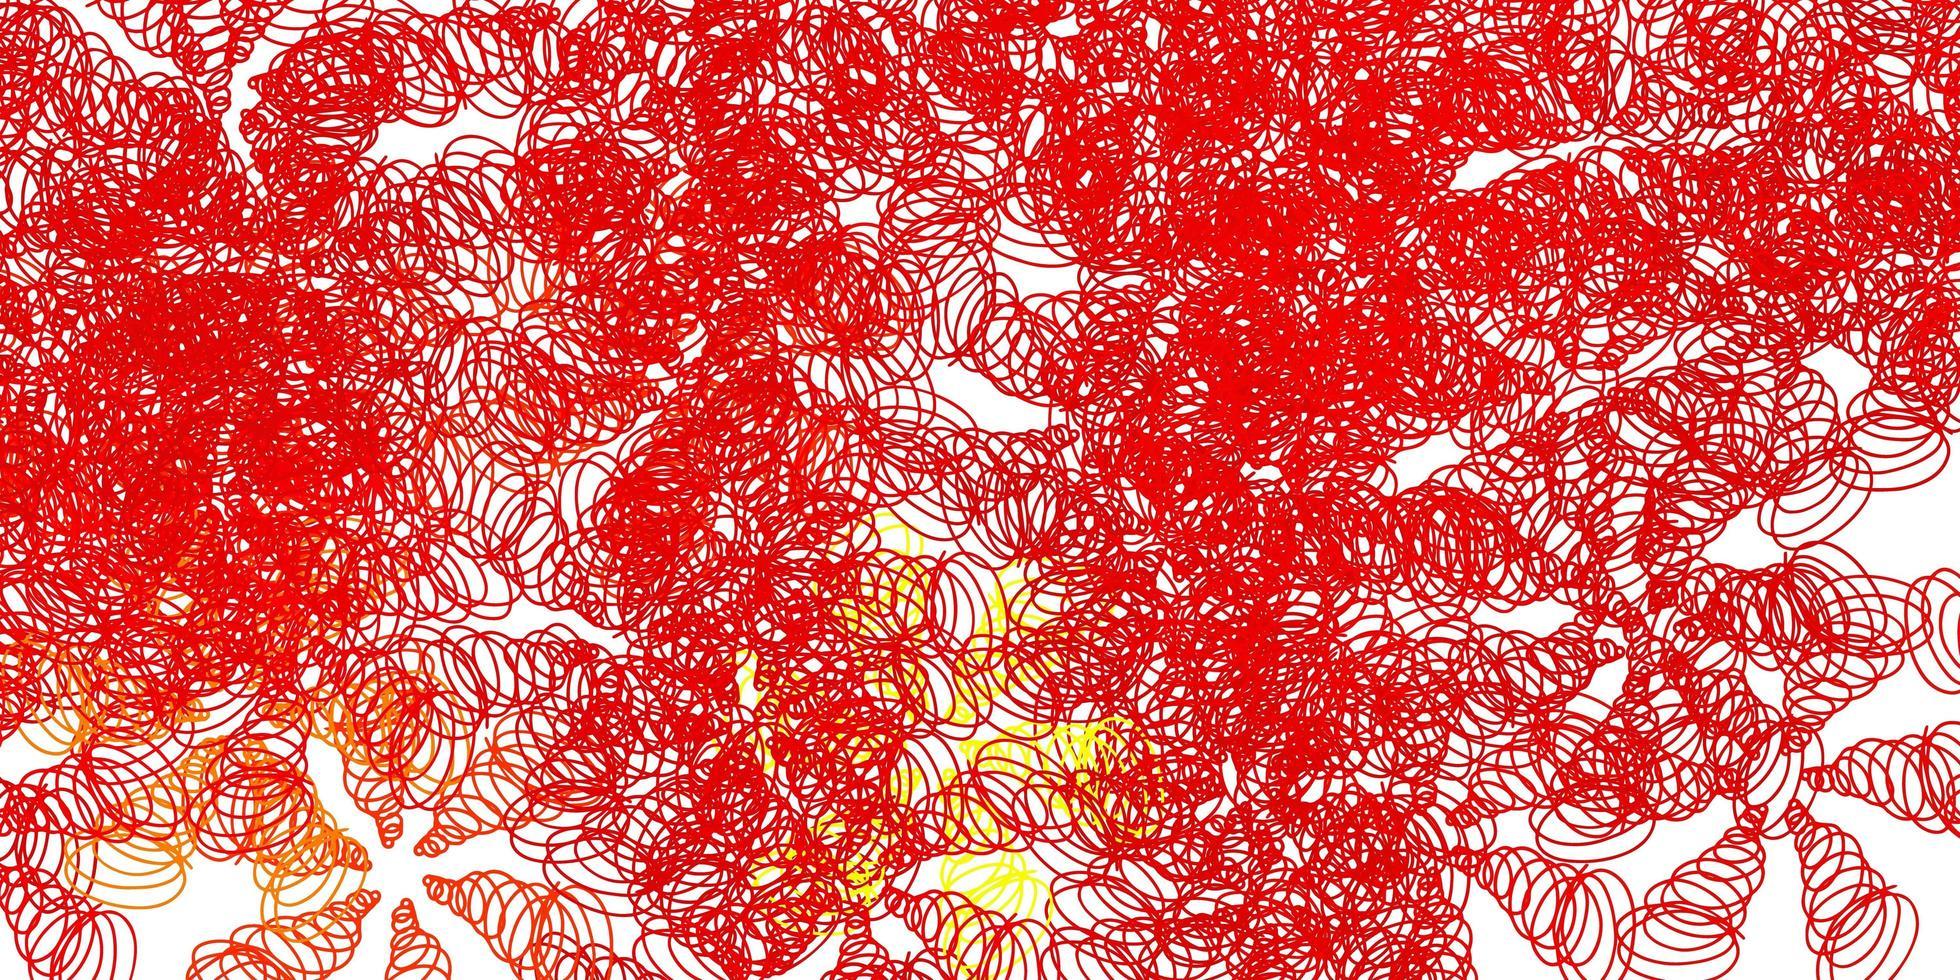 ljusgrön, röd vektorbakgrund med bågar. vektor